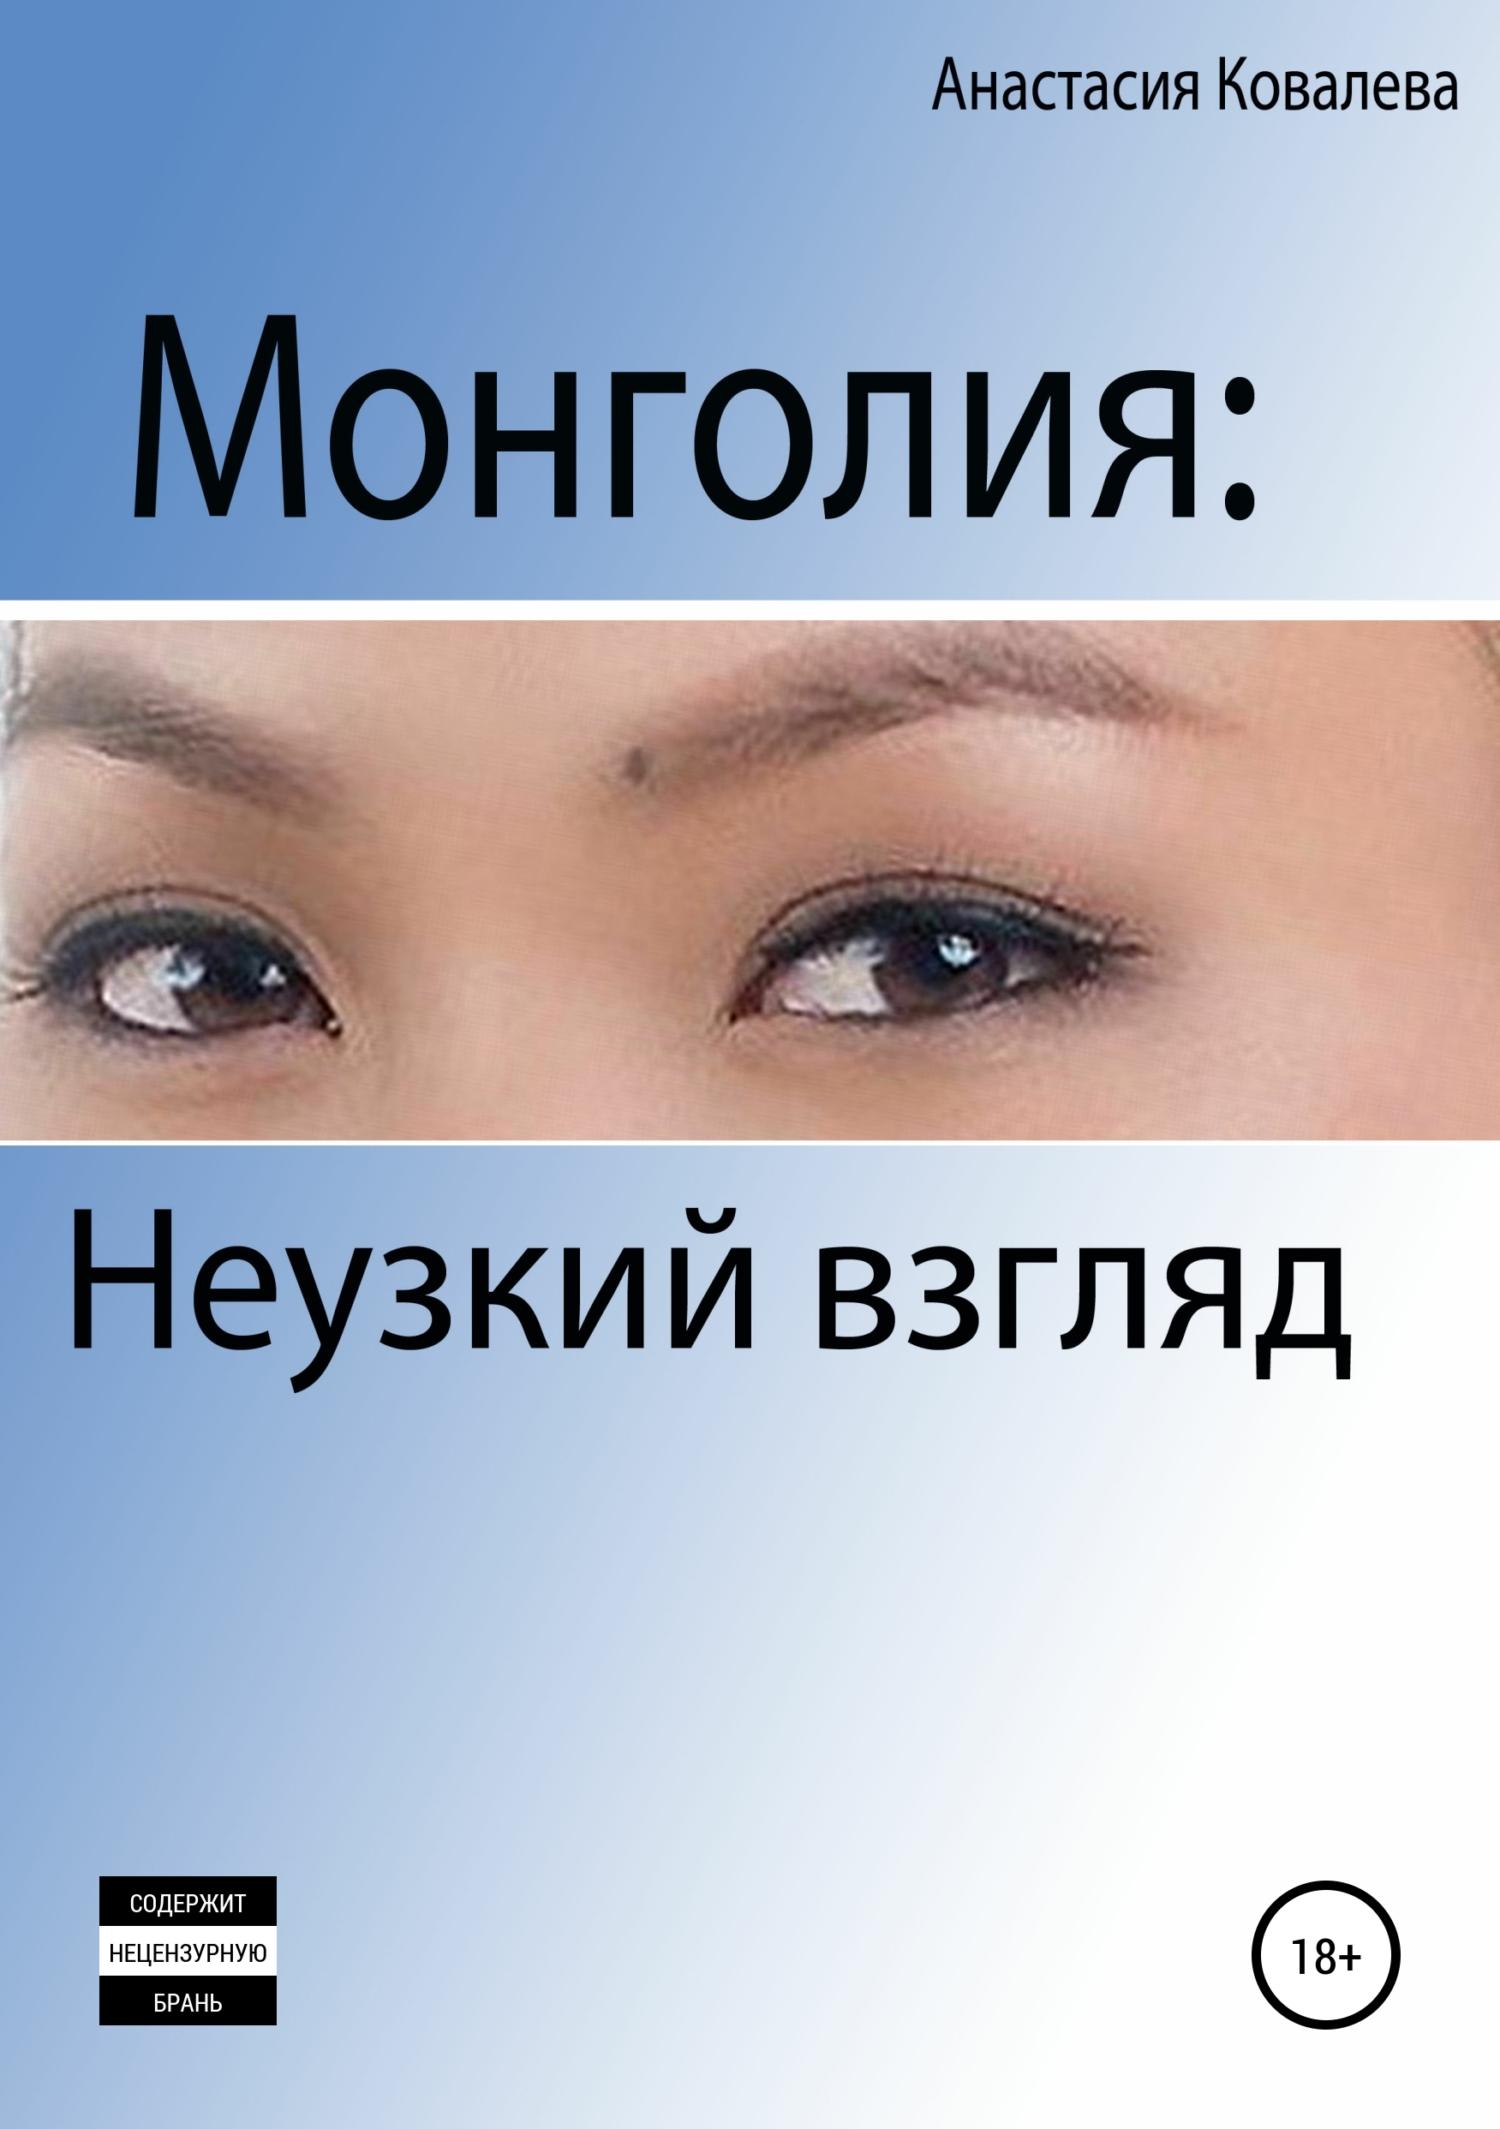 Анастасия Ковалева Монголия. Неузкий взгляд